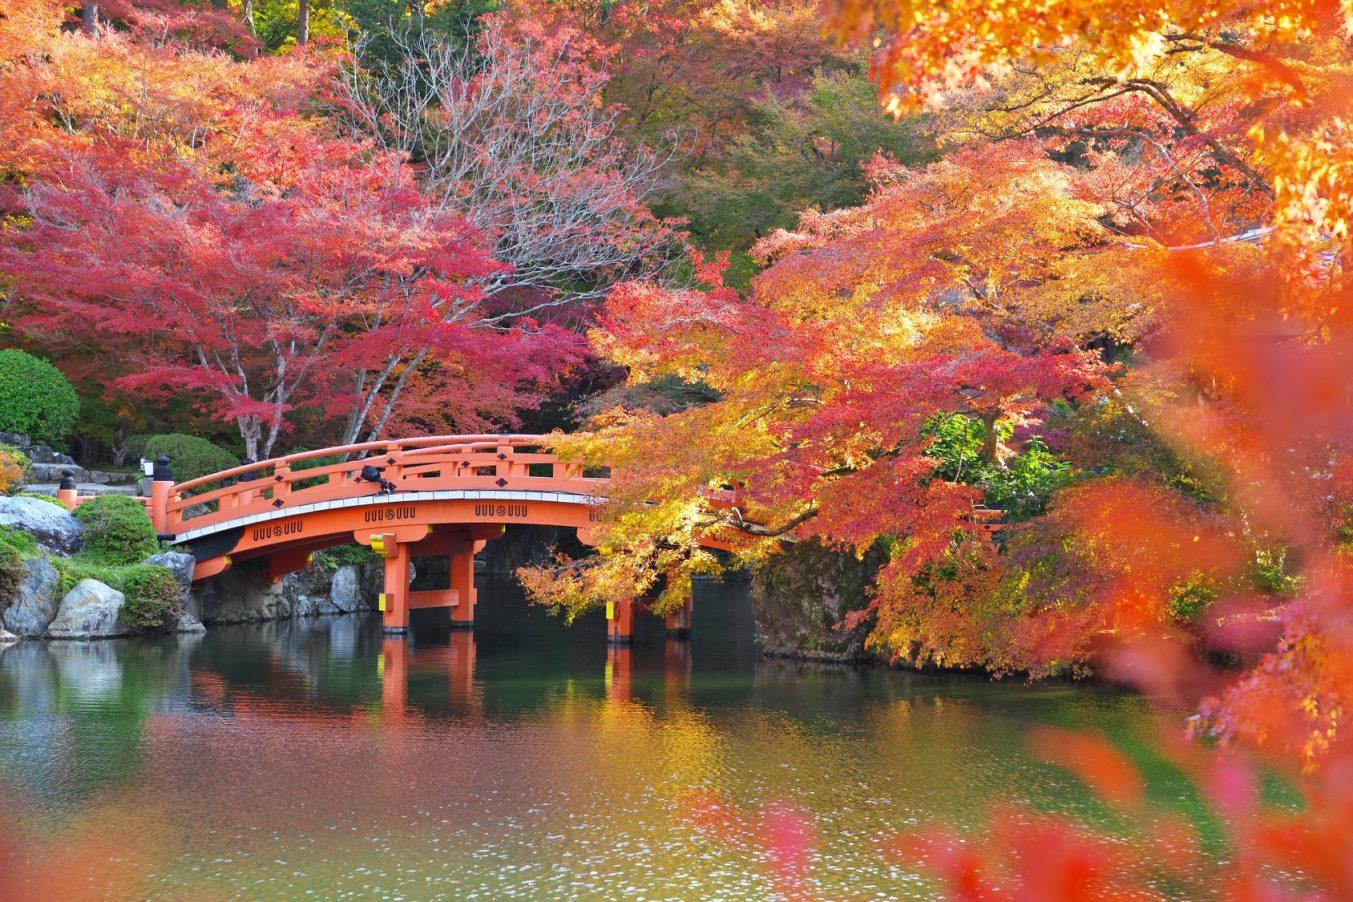 東京から行きたい名水・湧き水スポット